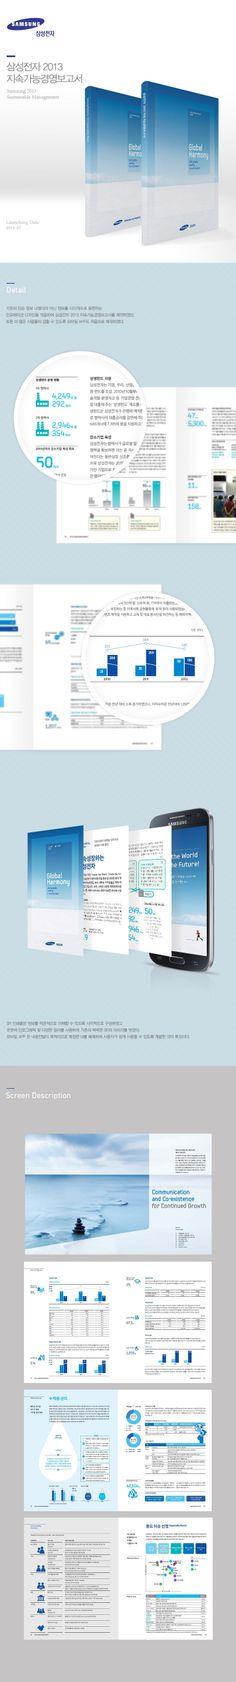 Samsung 2013 Sustainable Management #edacom